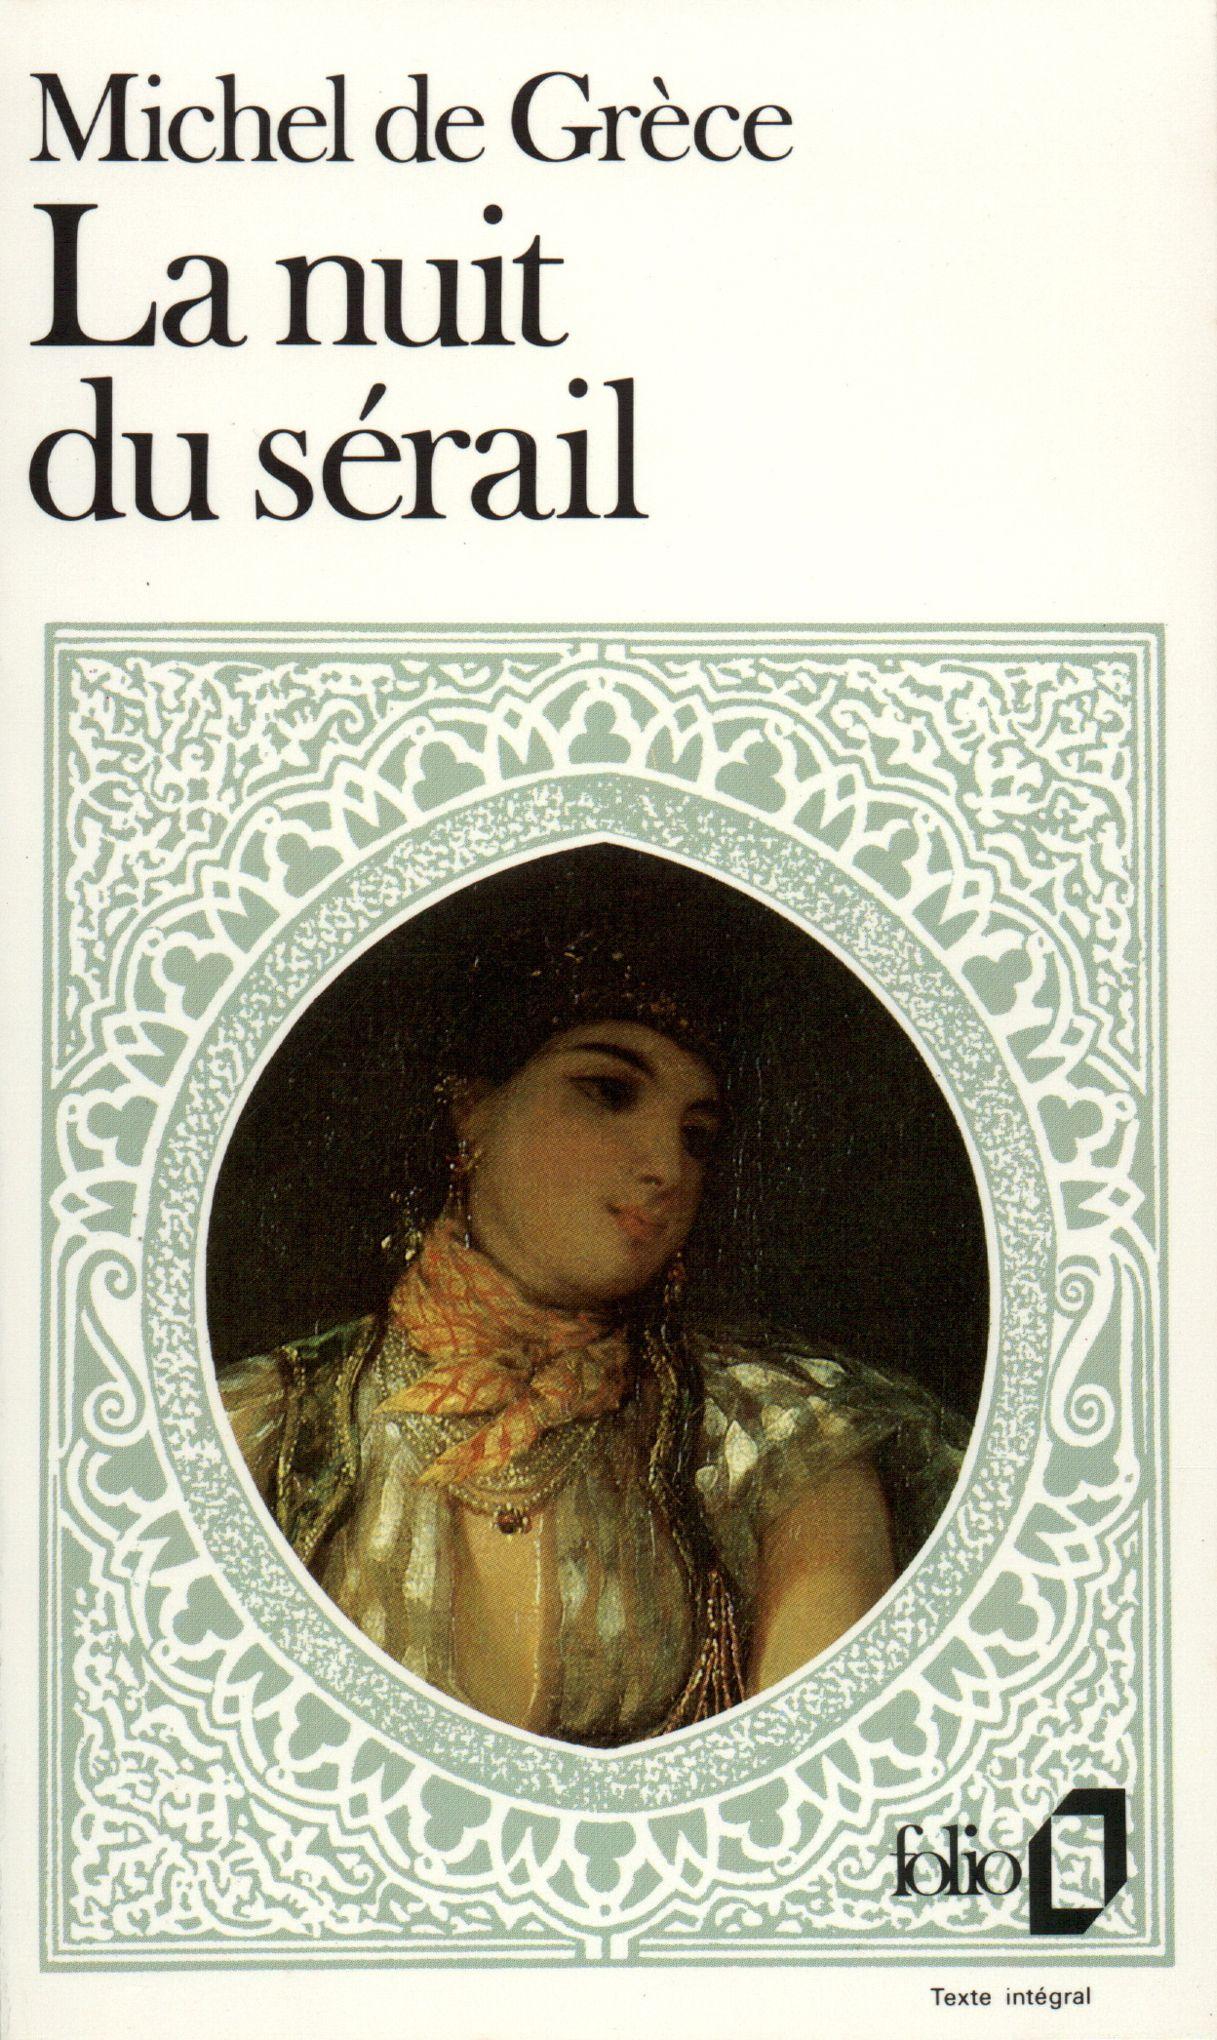 Collections Publicite Le Grand Livre Du Mois Carte A Jouer